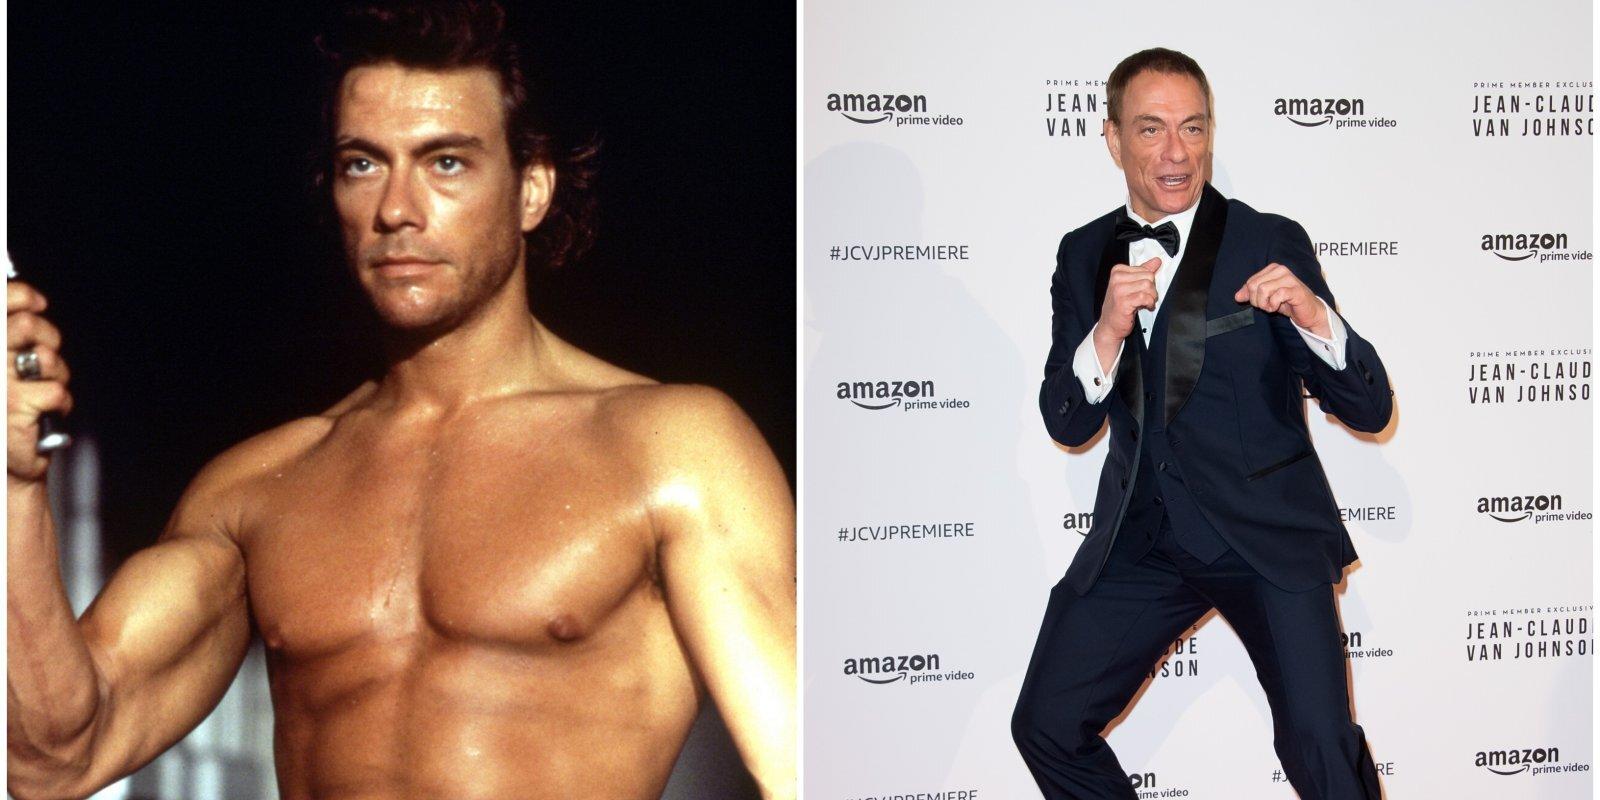 Starp cīņas mākslu un kino: Briseles muskuļkalnam Žanam Klodam van Dammem – 60